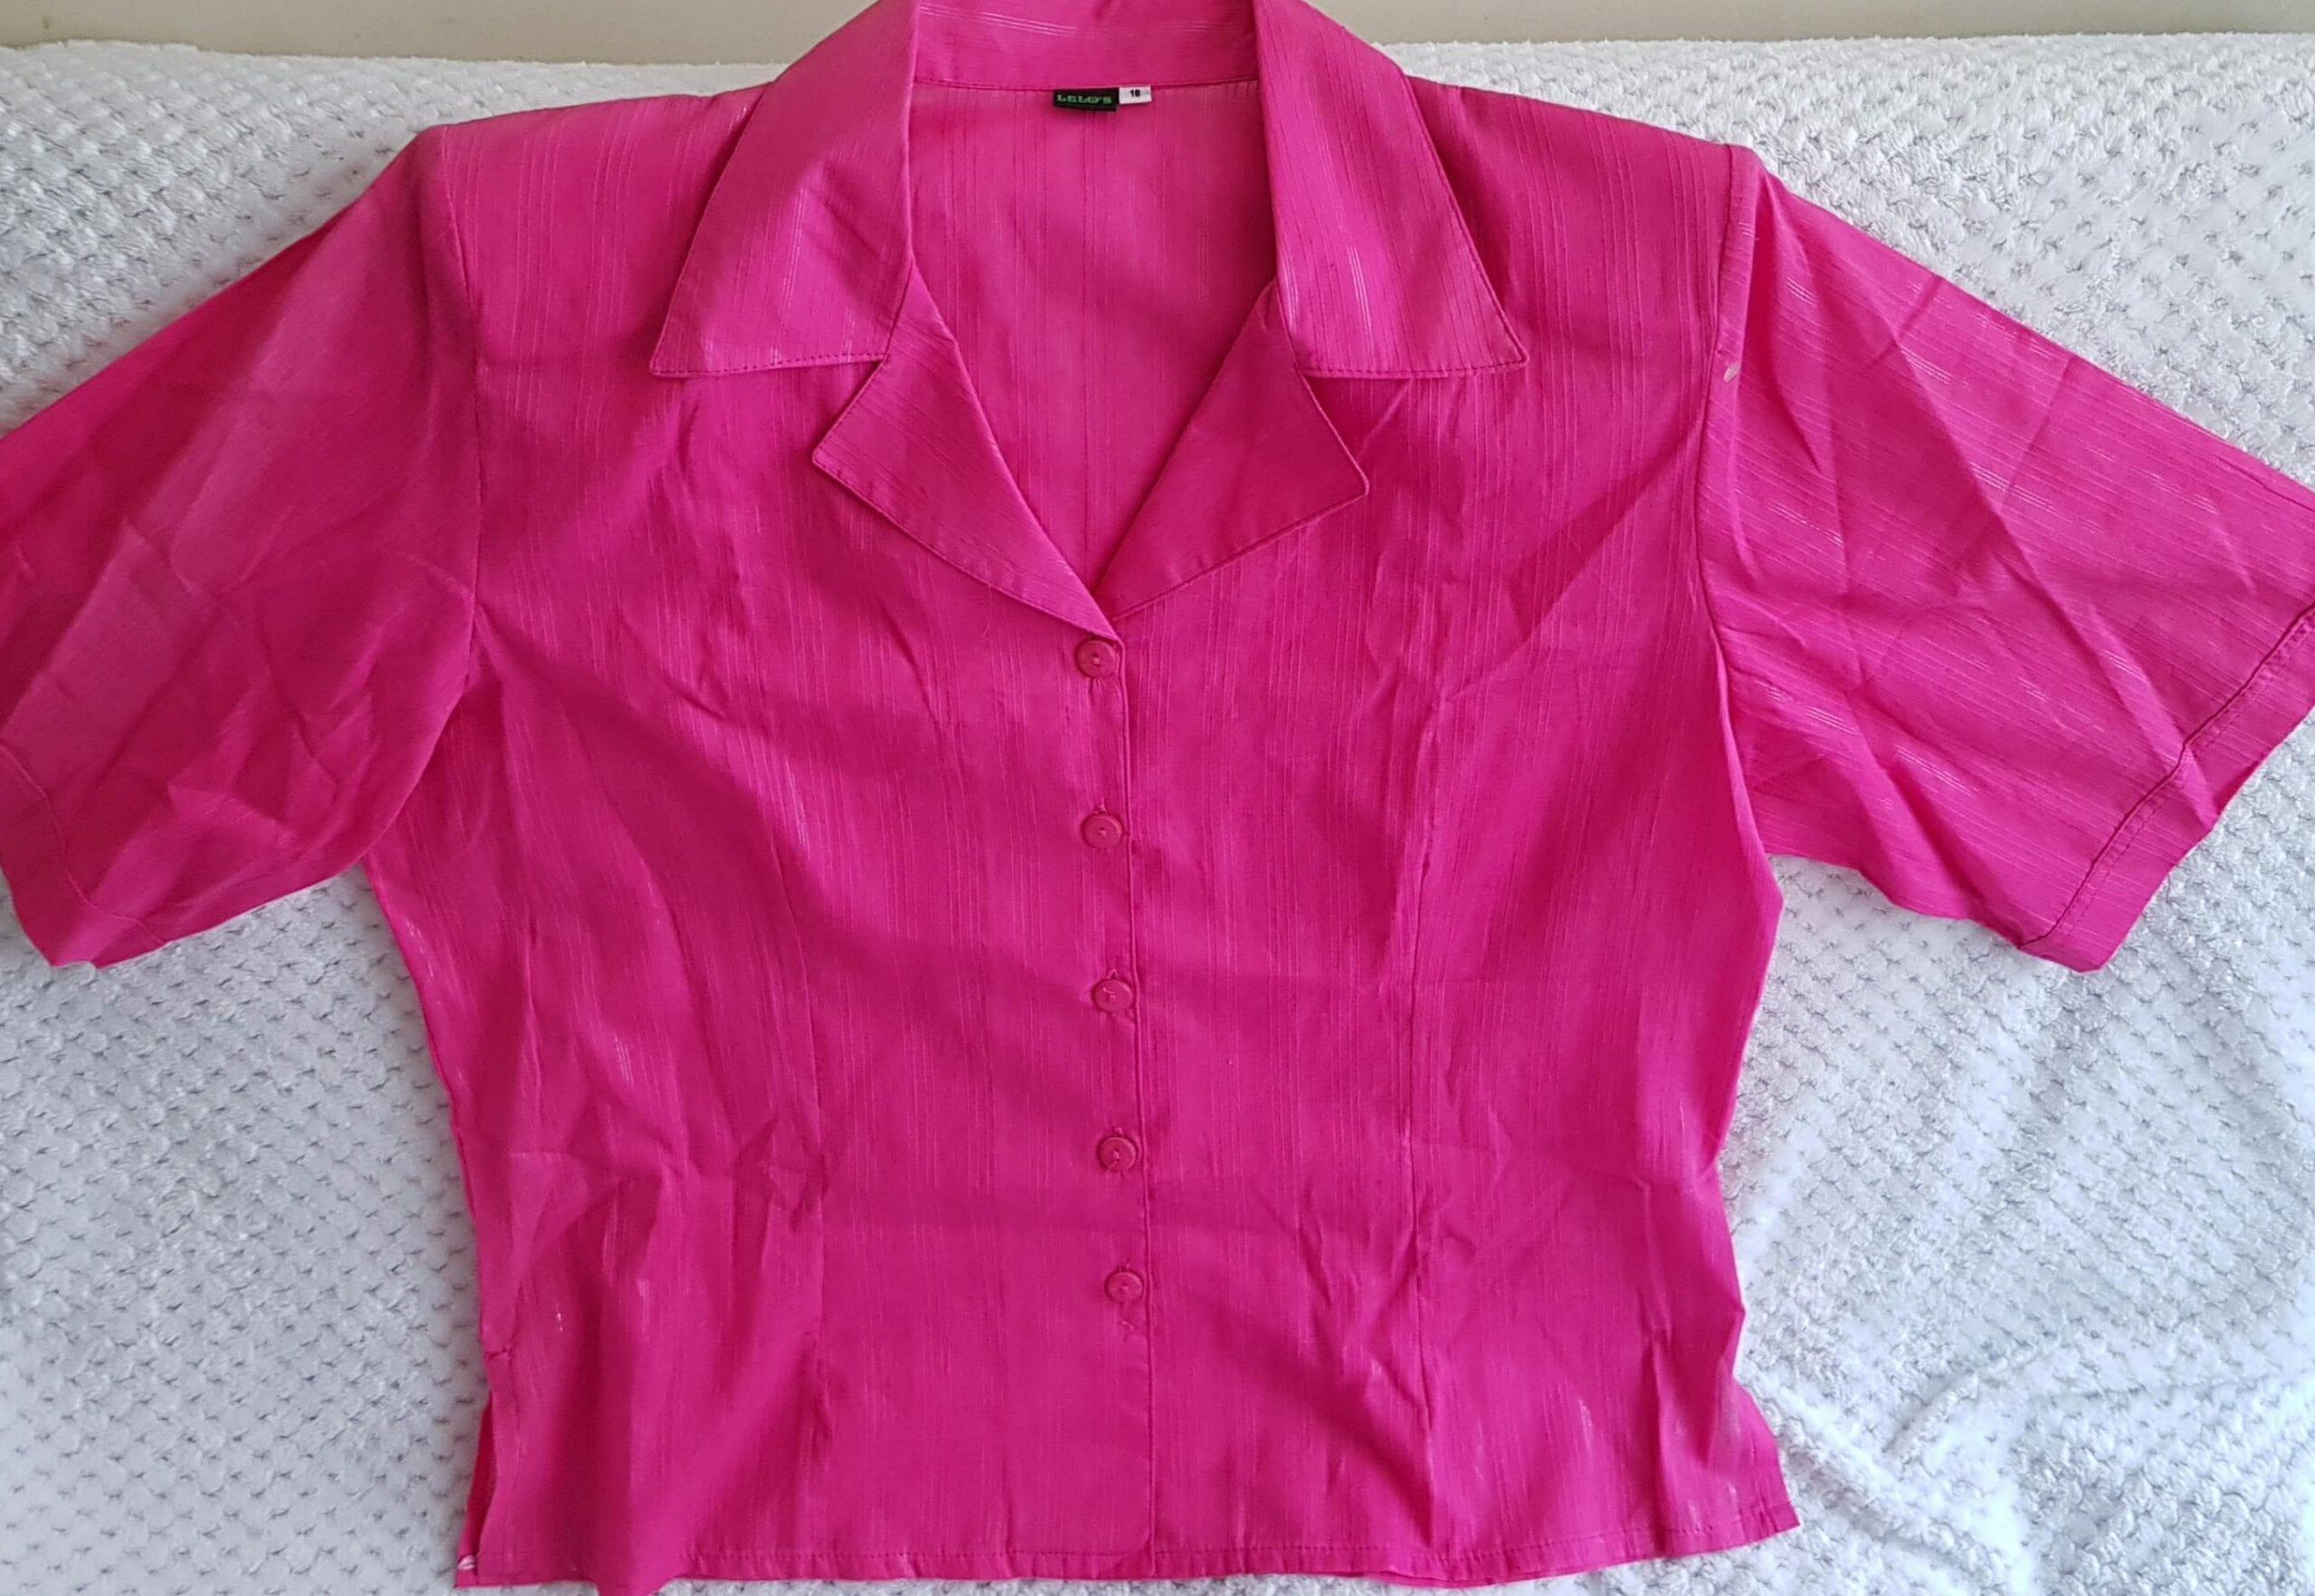 Blusas Unicolor Morada o Rosada